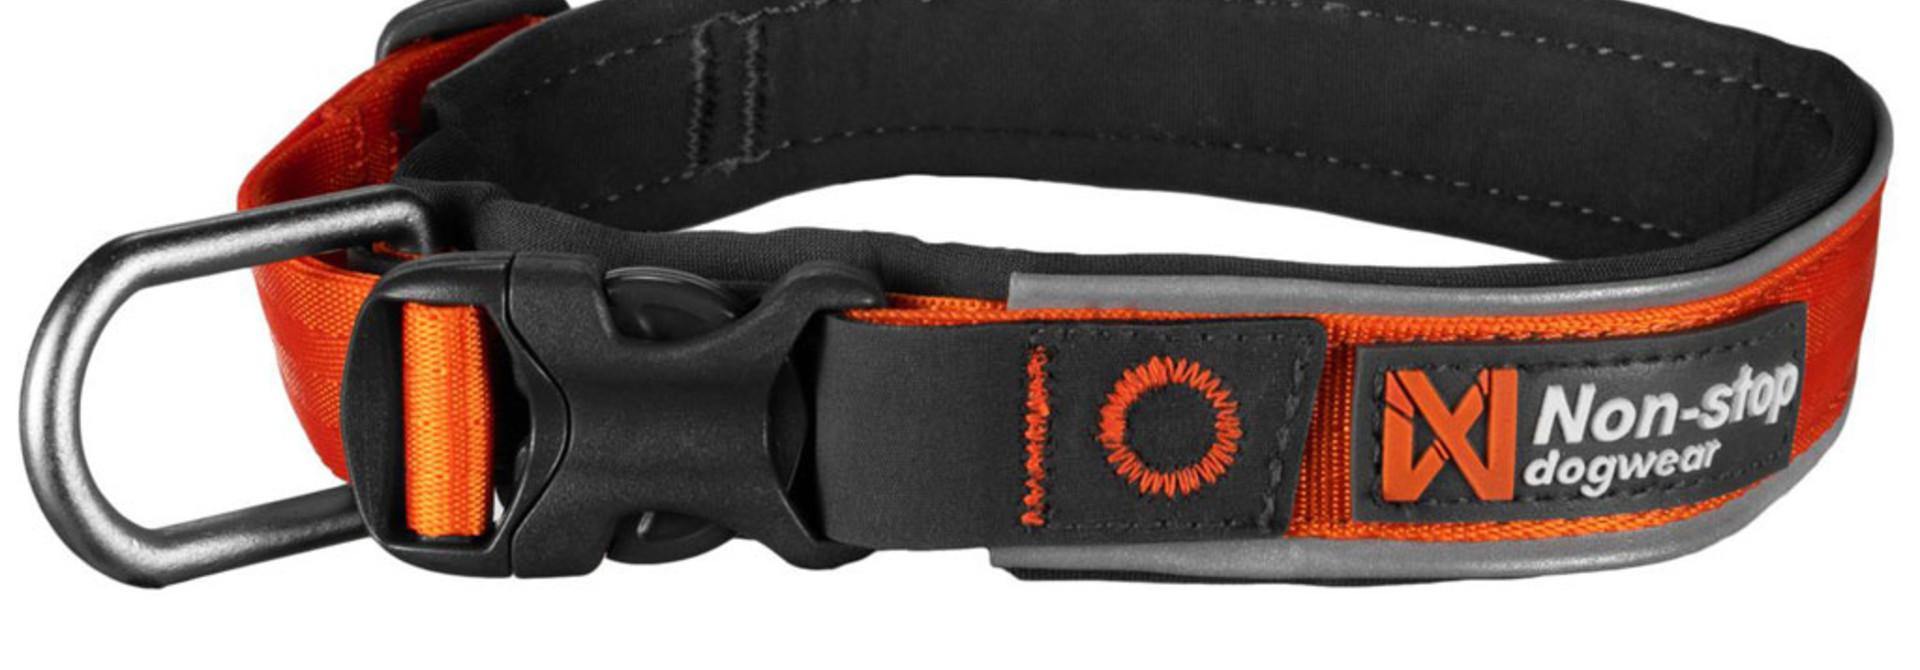 Non-stop Roam Collar